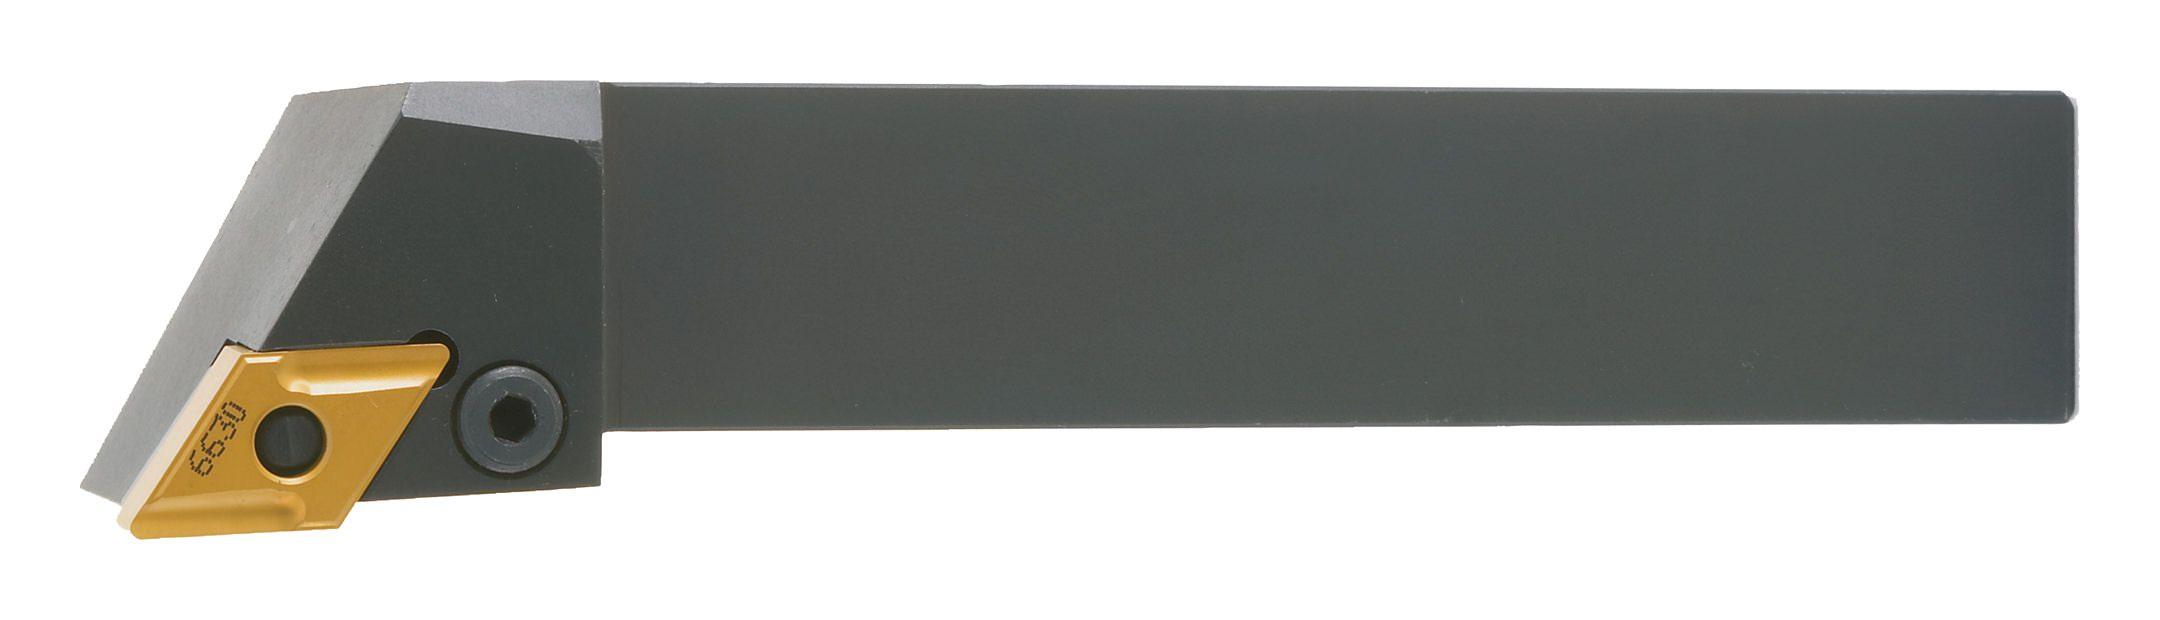 Klemmhalter 93 Grad PDJNR 2020 K 15